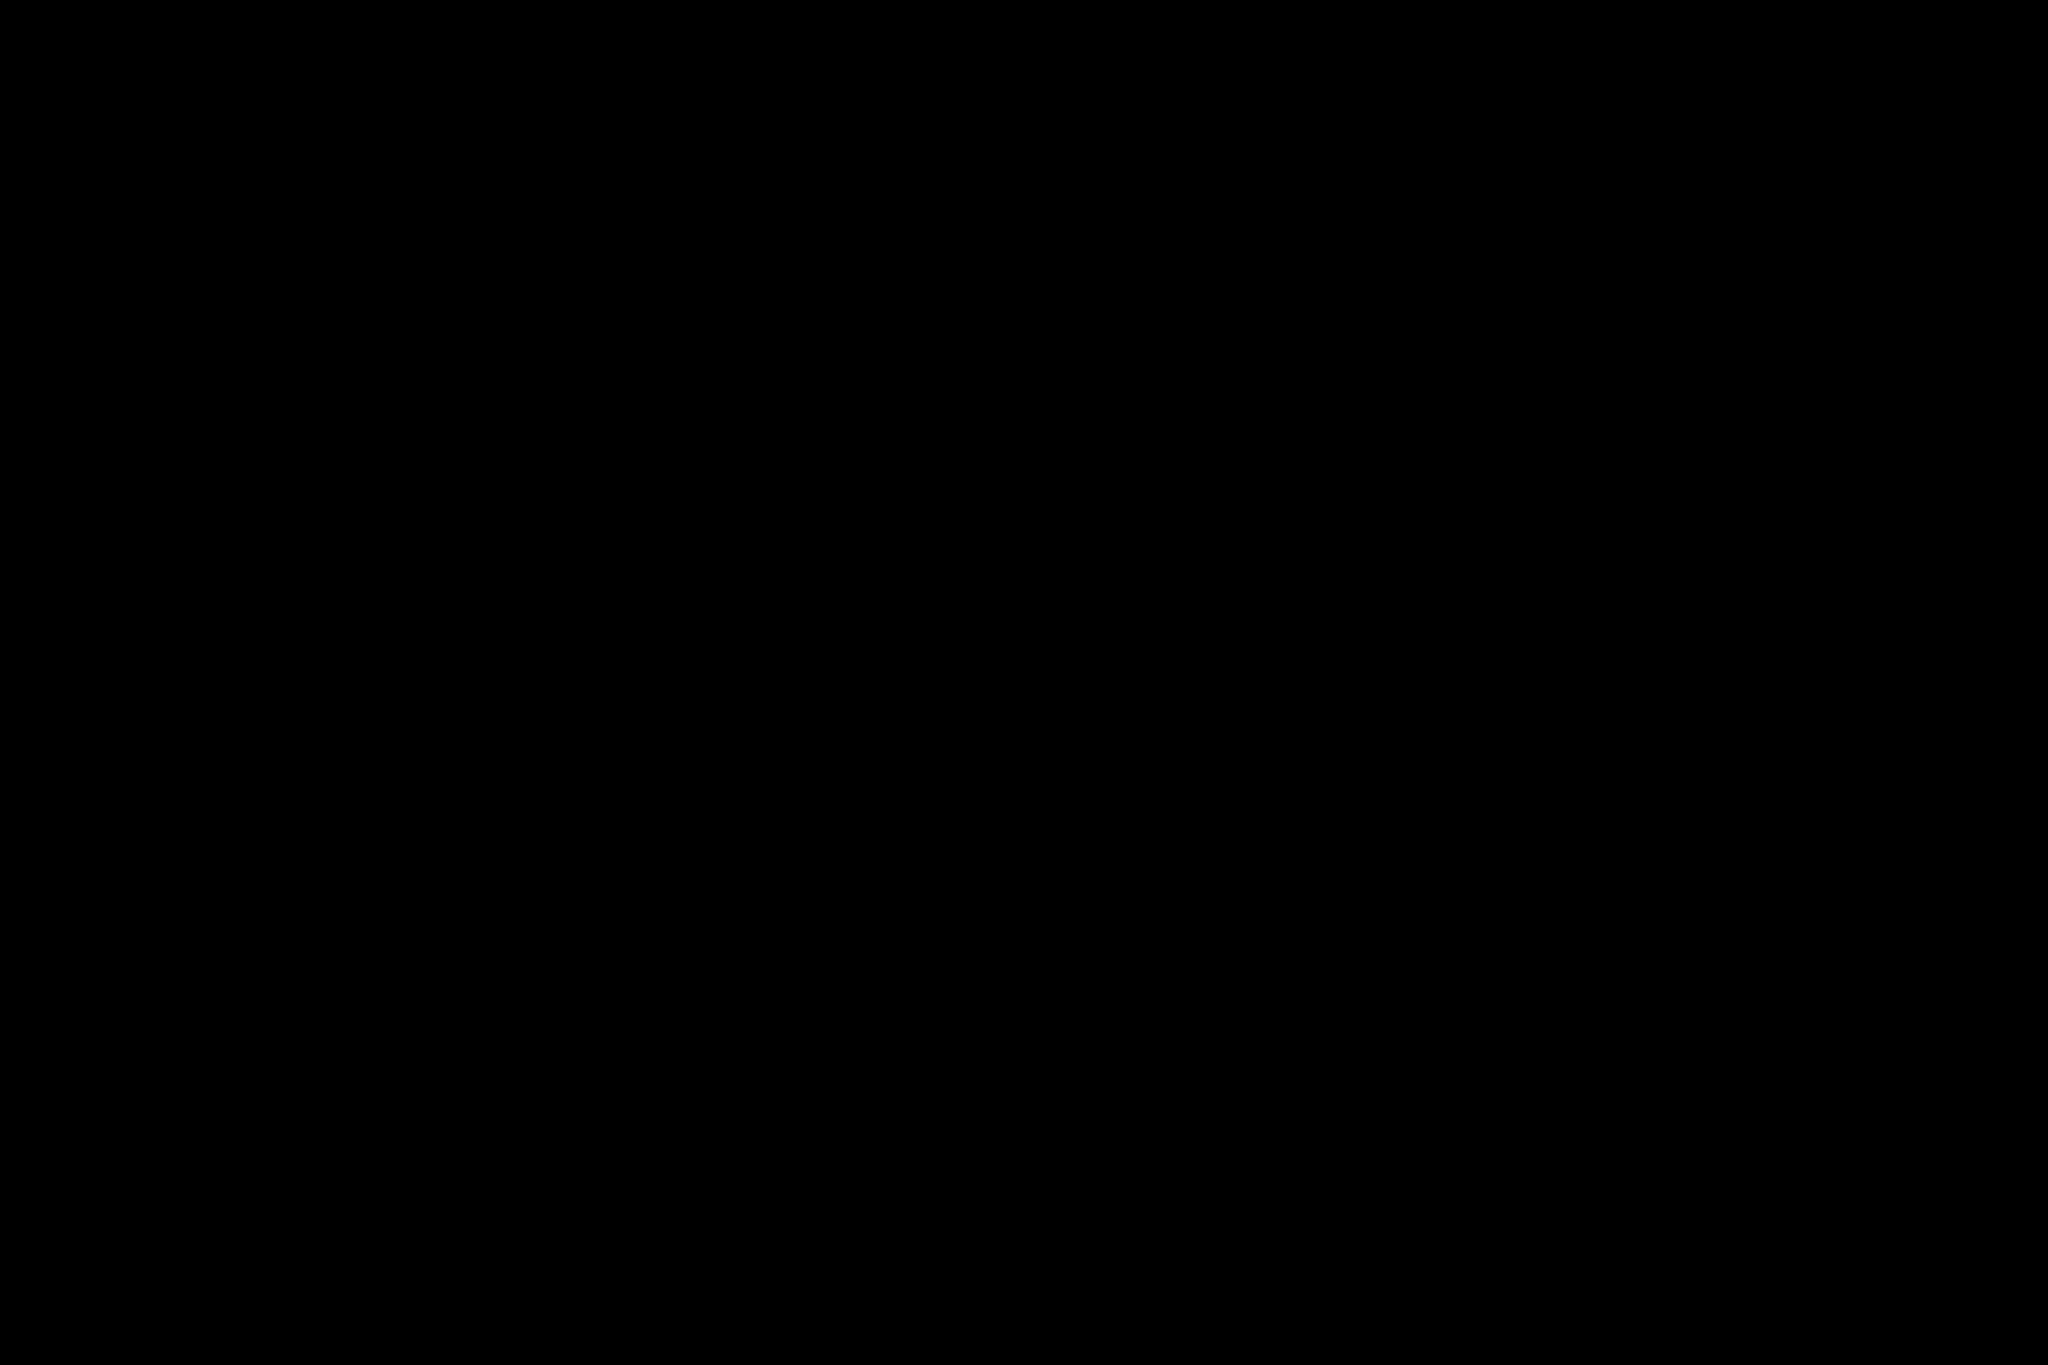 kendragemma